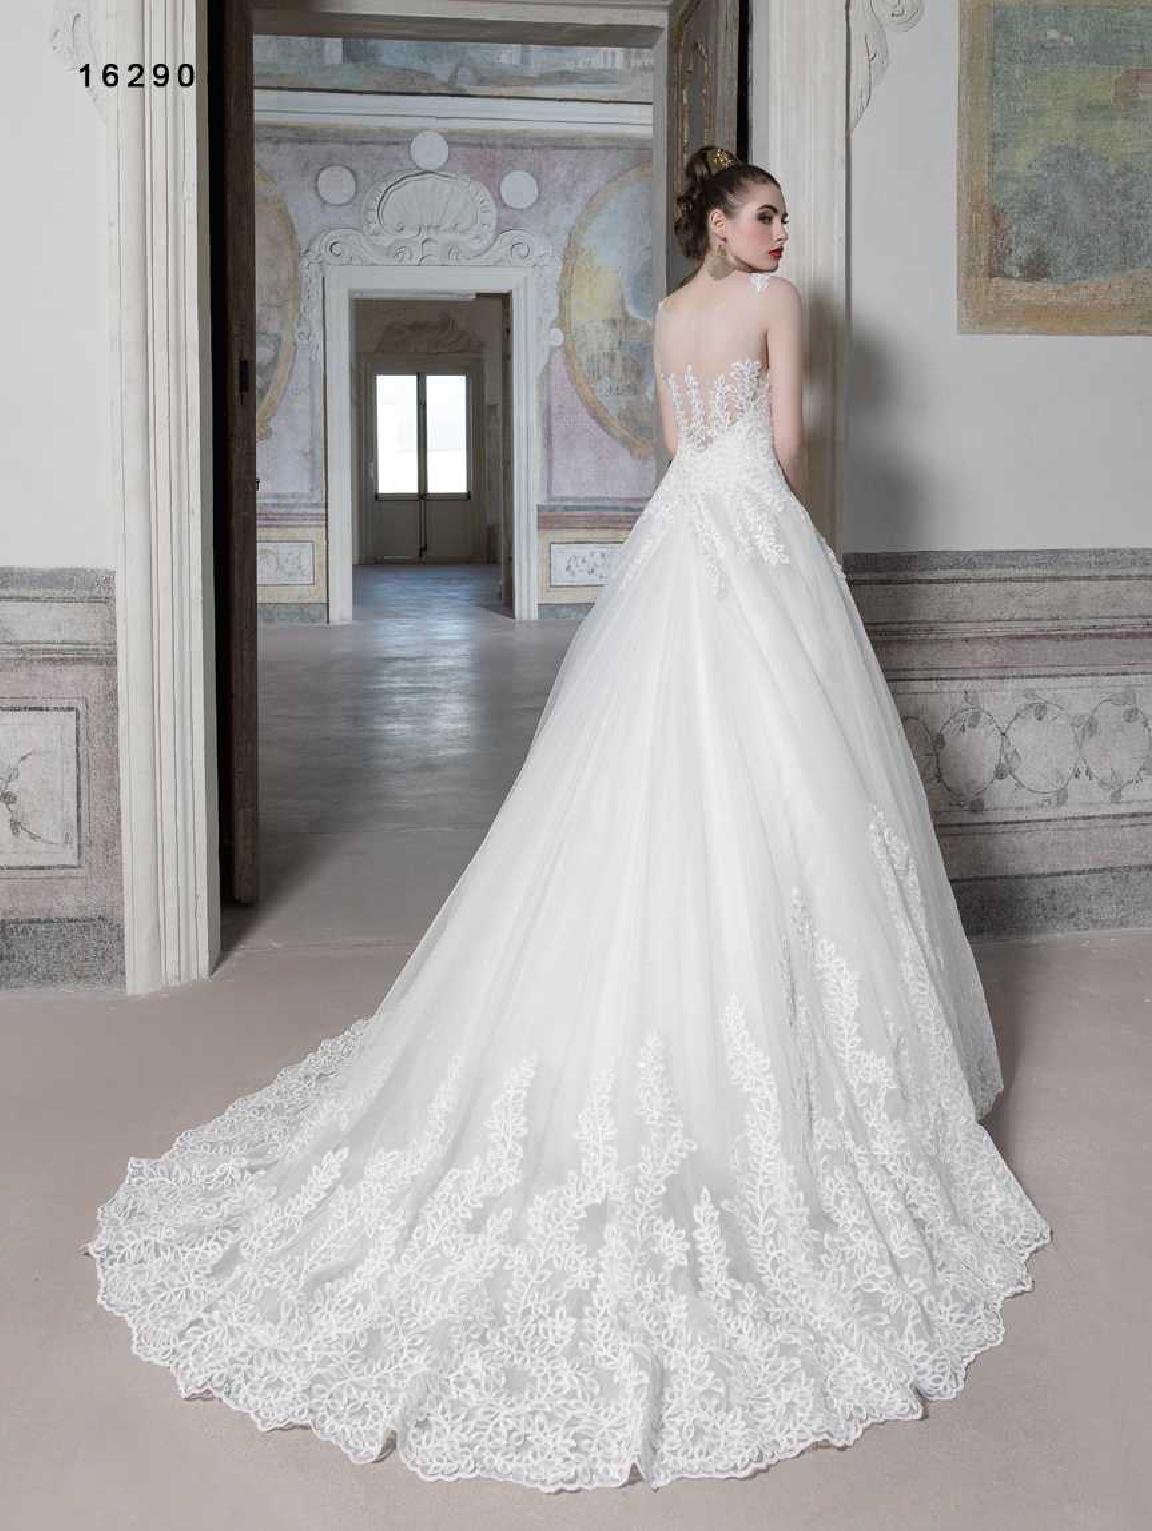 vinni-collezione-2017-abiti-sposa-83  ABITI DA SPOSA